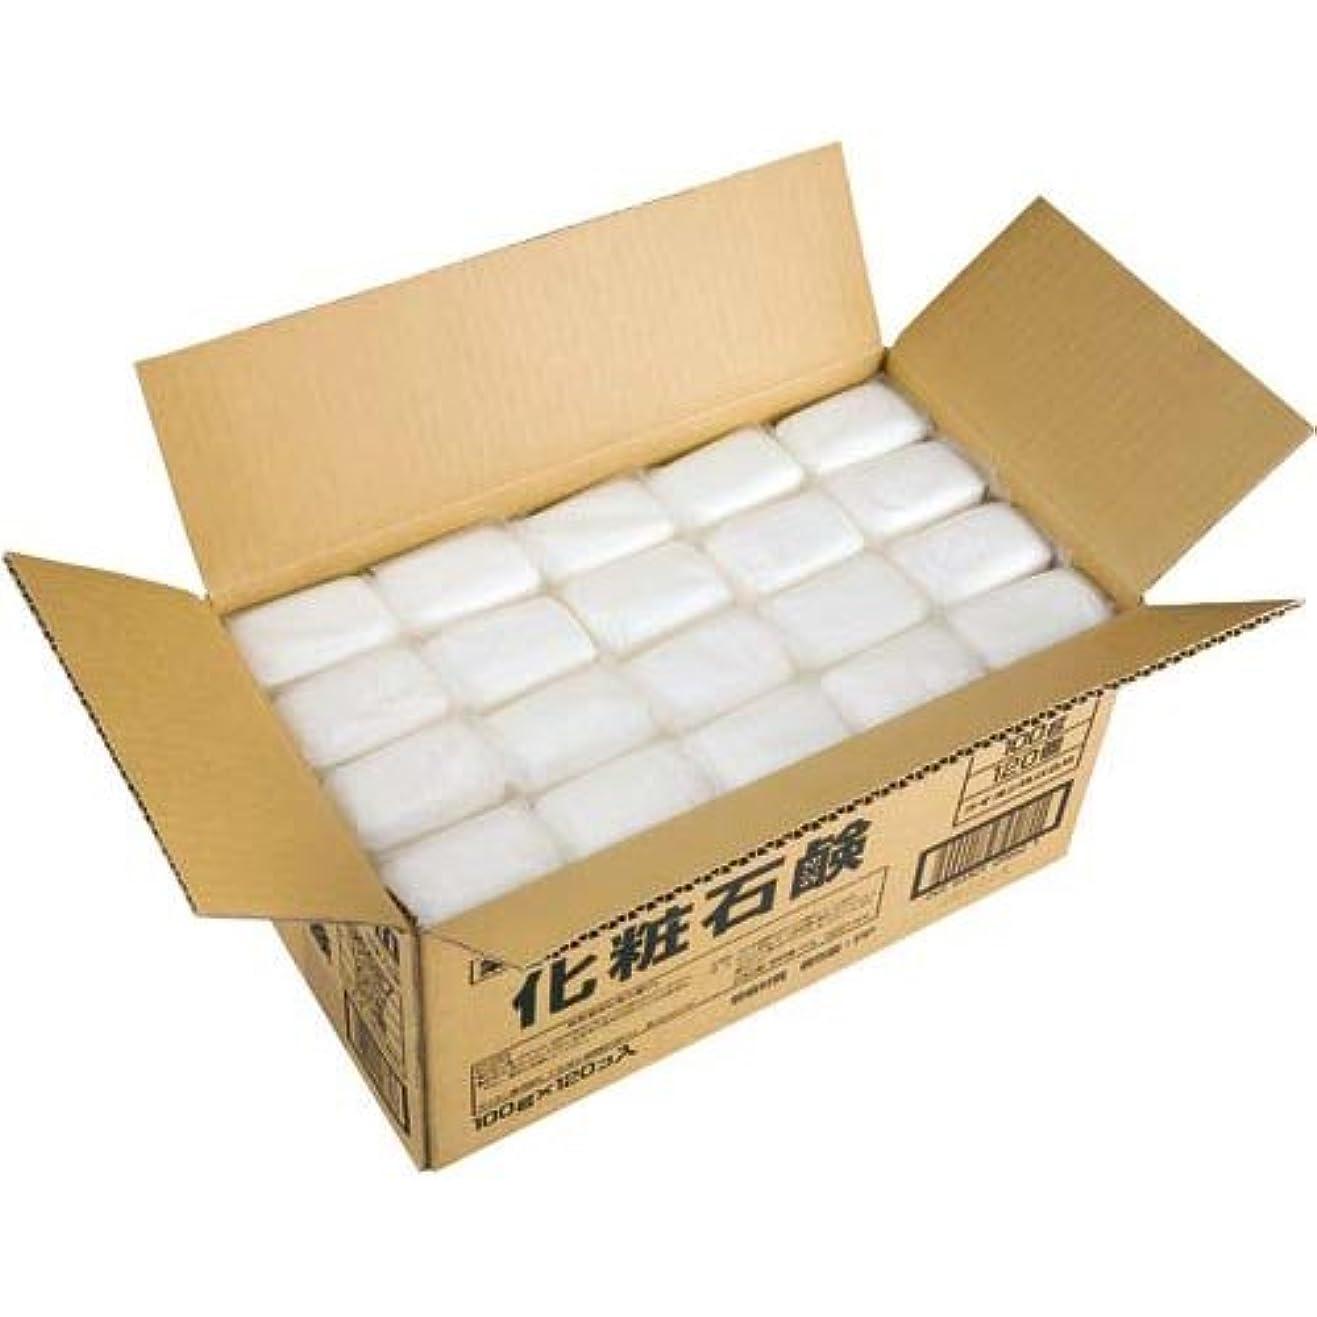 困惑する悪因子クレアライオン 植物物語 化粧石鹸 (100g×120入)